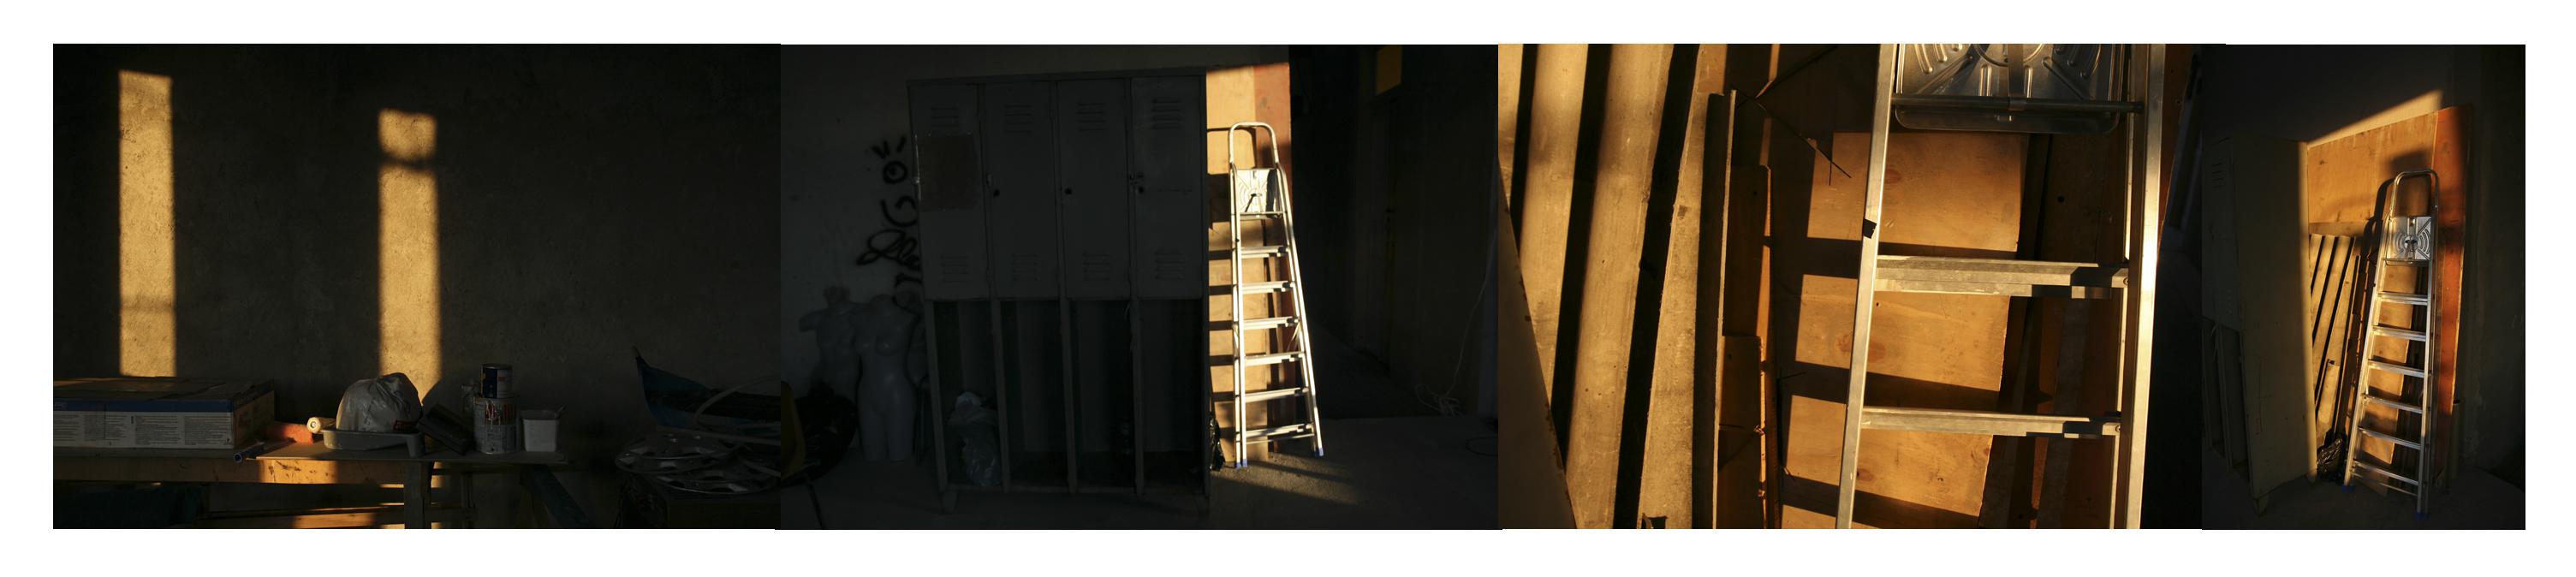 Escada em Oficina | 2012